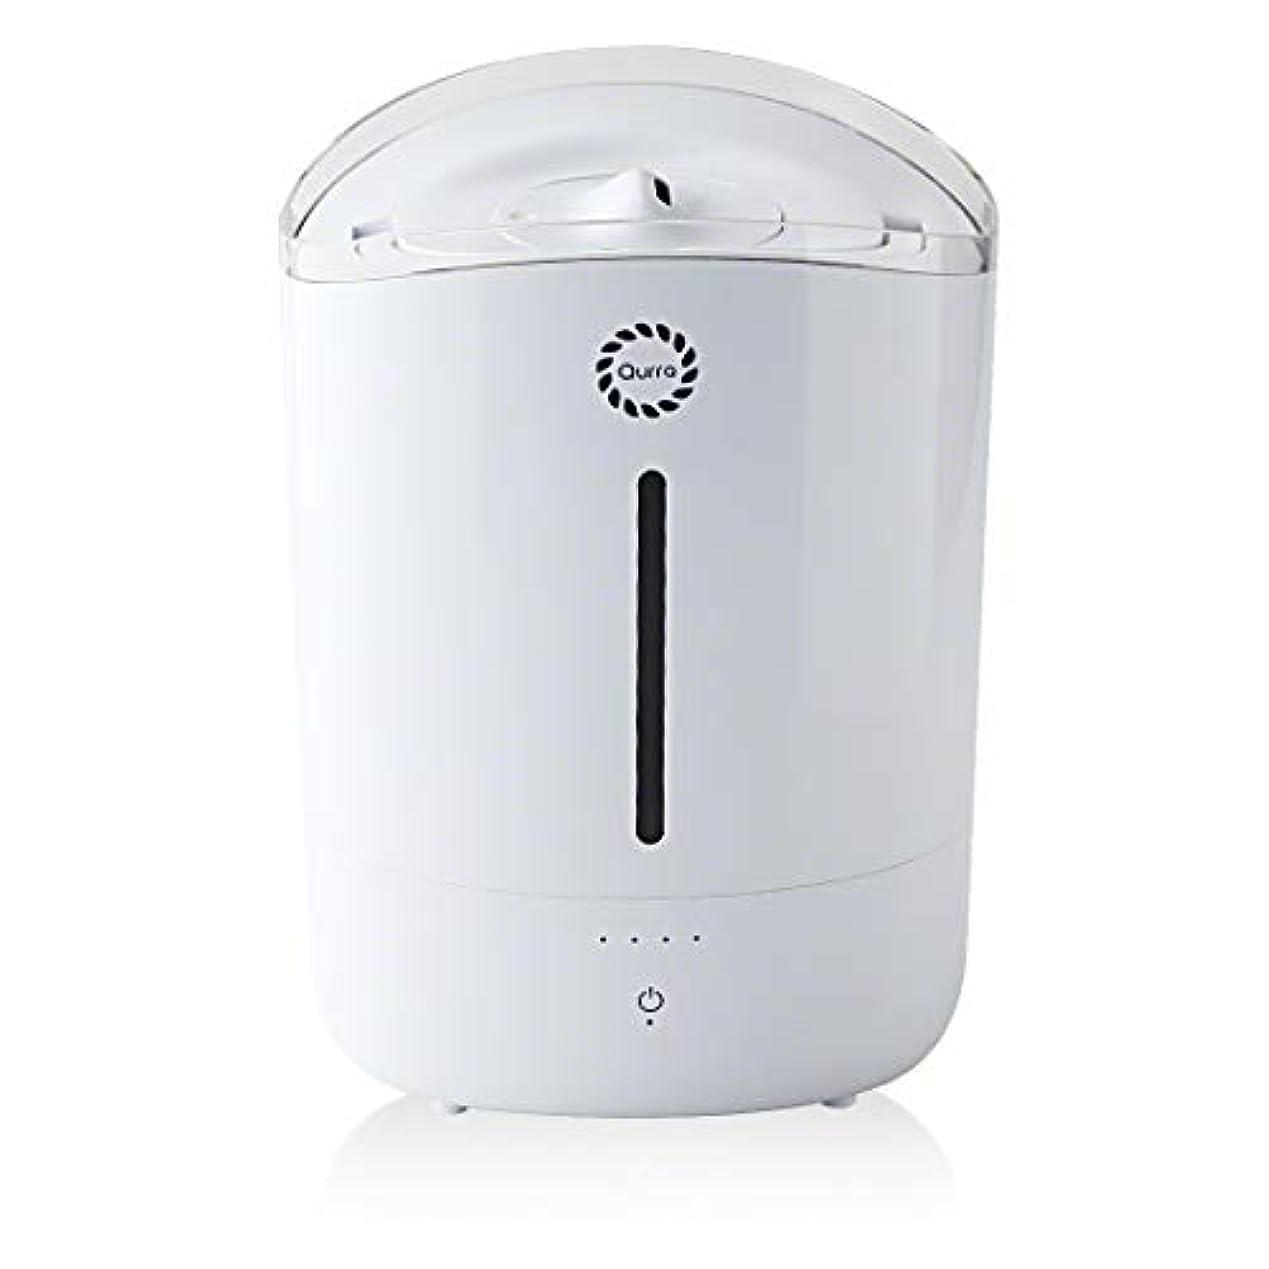 バルブ美しい苦情文句クルラ(Qurra) 大容量 5L アロマデフューザー 上部給水タイプ 加湿調整 250ml/h 省エネ ブザー機能 PSE 超音波 アロマ対応 加湿器 ホワイト